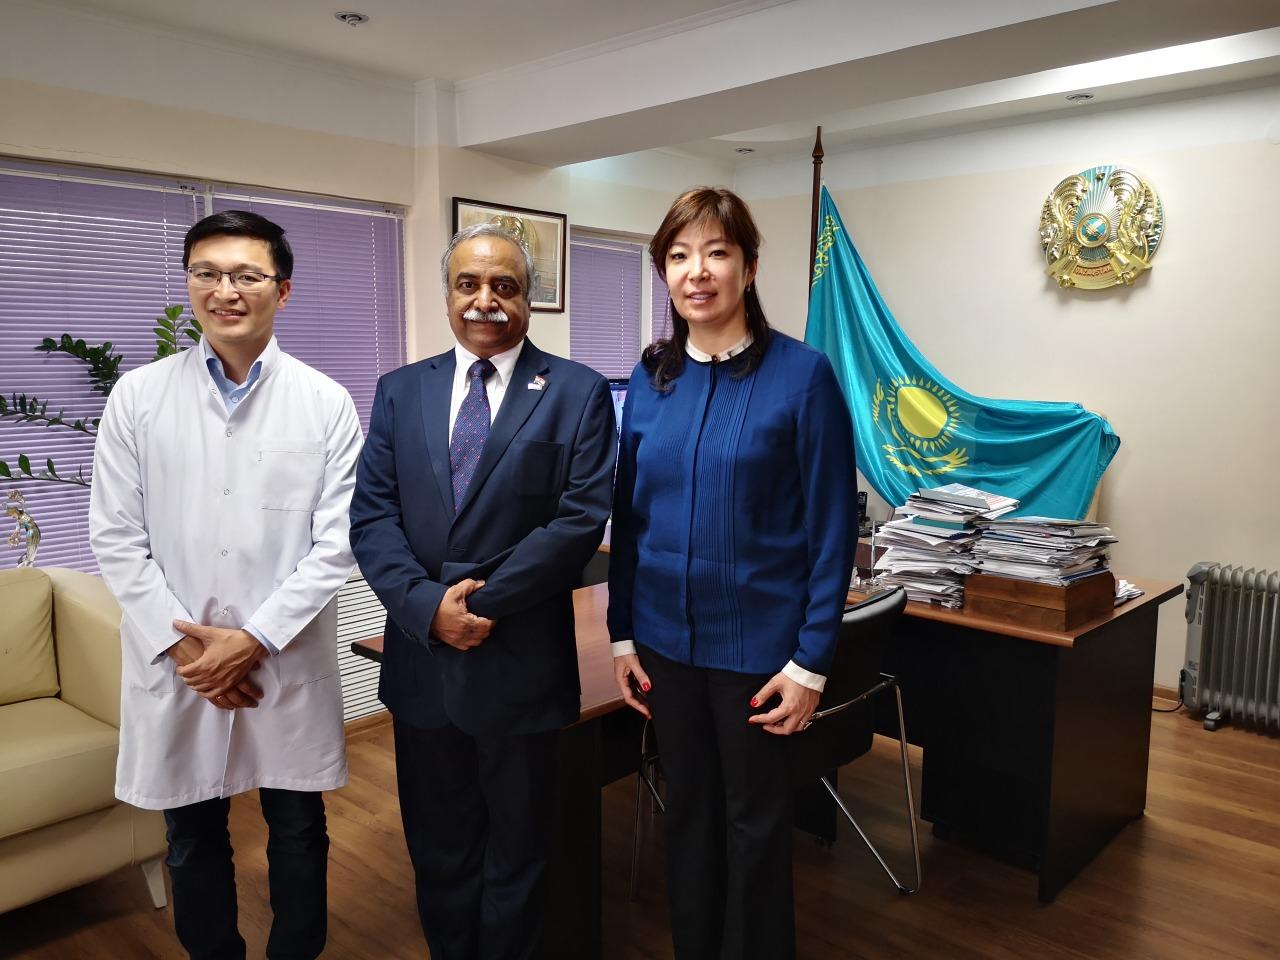 КазНИИОиР посетил профессор Динеш Пендхаркар из Ассоциации клинических онкологов США